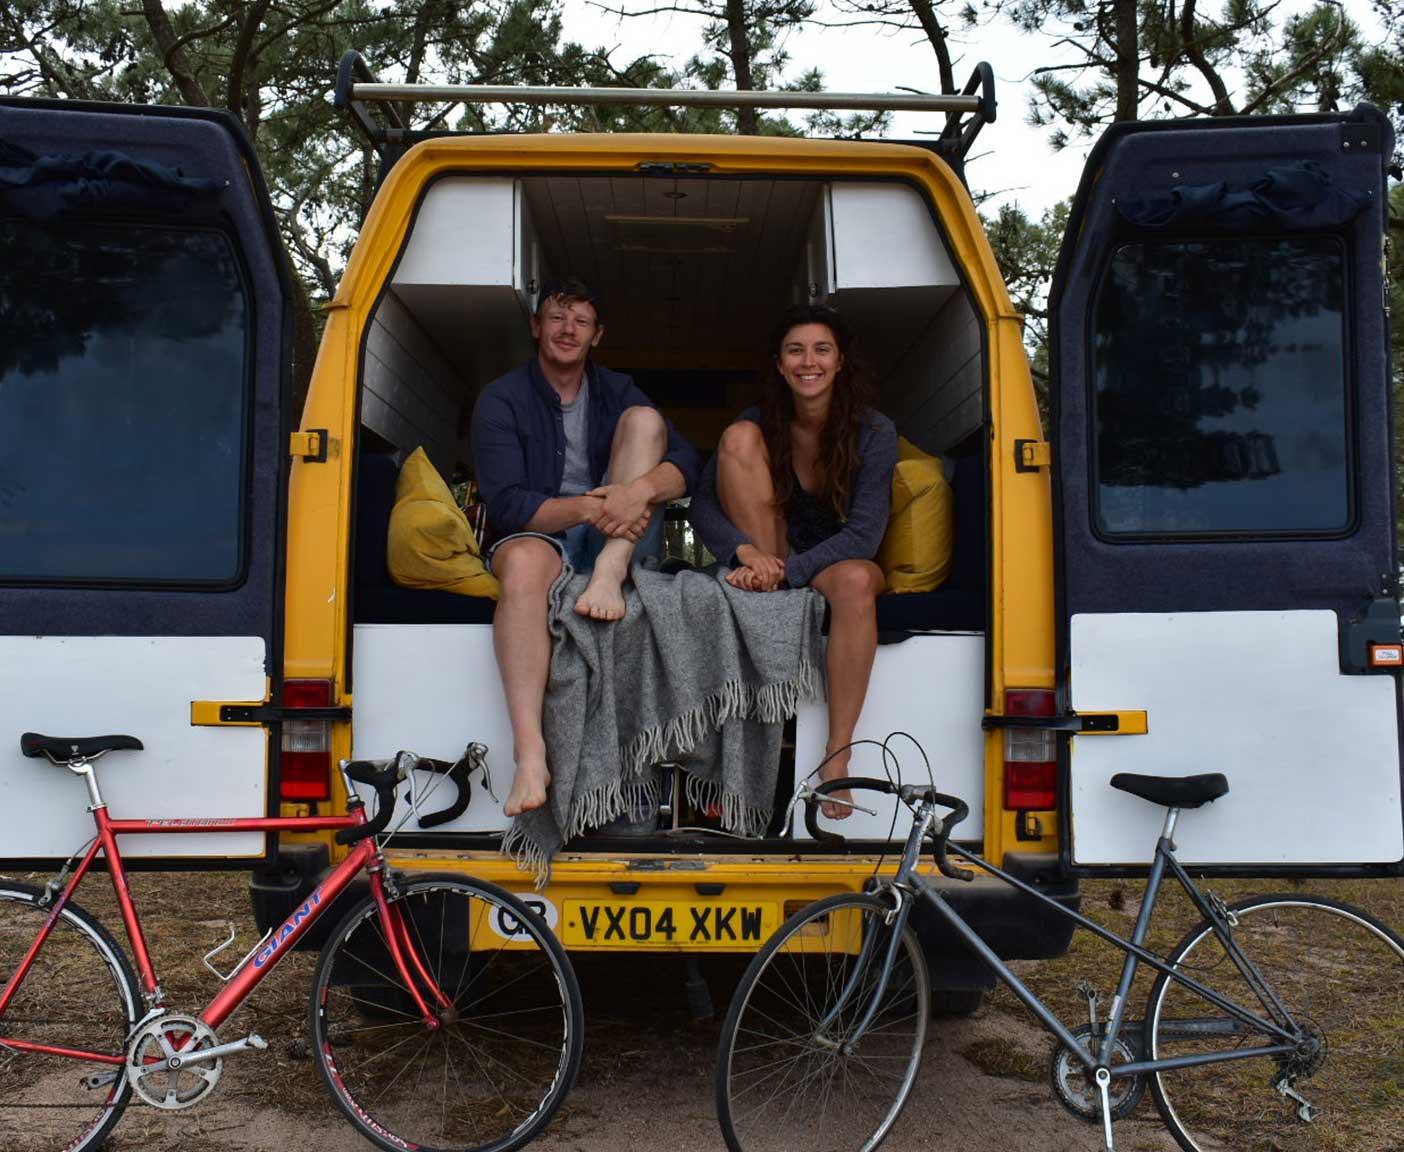 ldv-convoy-kaufen-wohnmobil-maxus-camper-ersatzteile-innenausbau